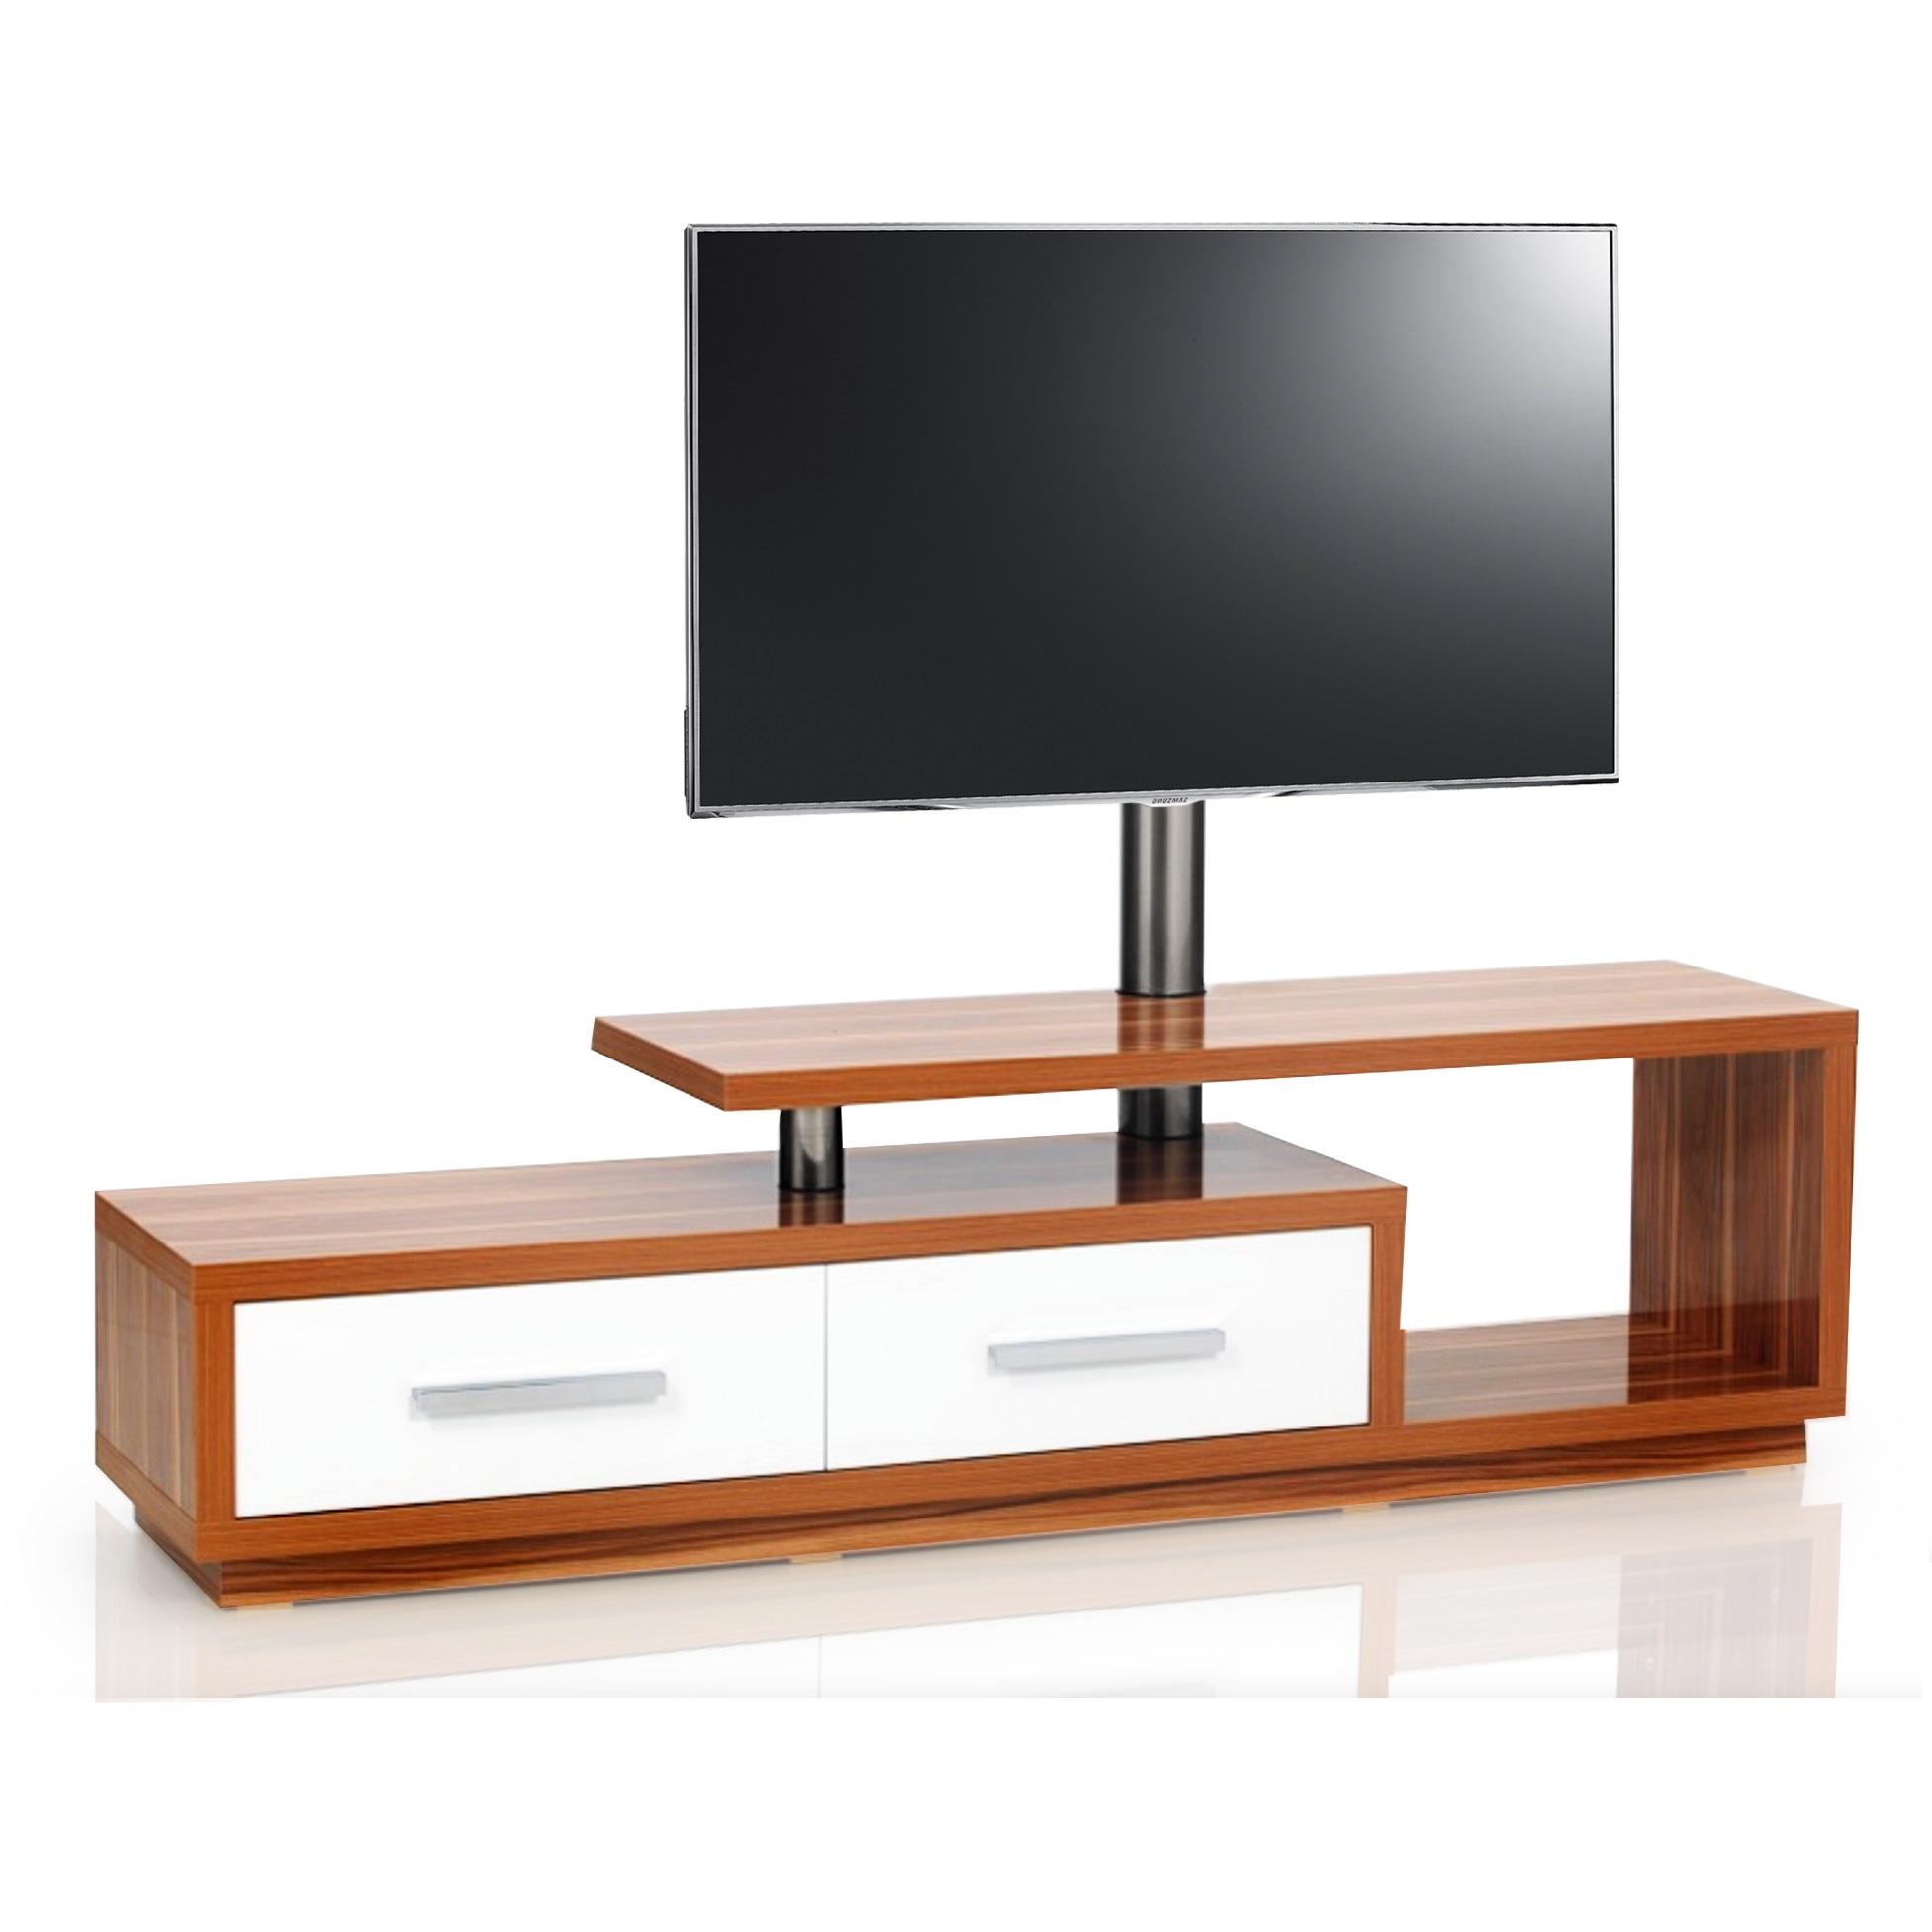 Petit meuble pour tv maison et mobilier d 39 int rieur for Petit meuble pour tv